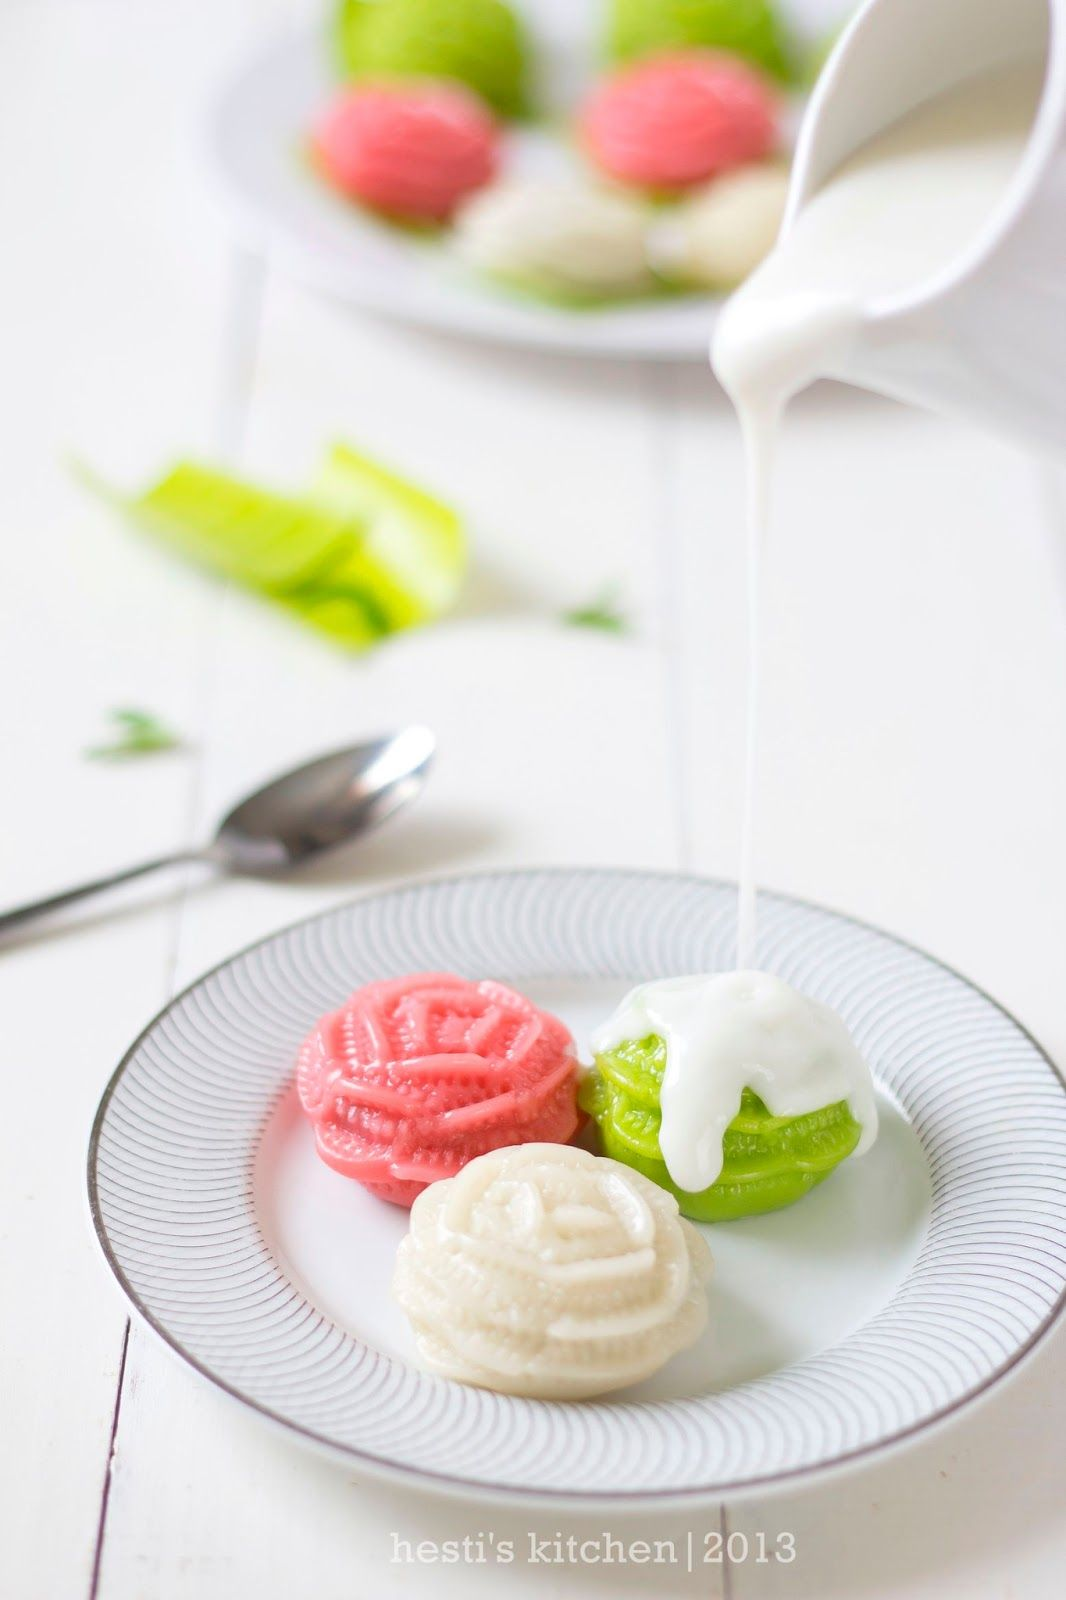 Hesti S Kitchen Yummy For Your Tummy Kue Kembang Seruni Makassar Resep Masakan Indonesia Makanan Ringan Manis Kue